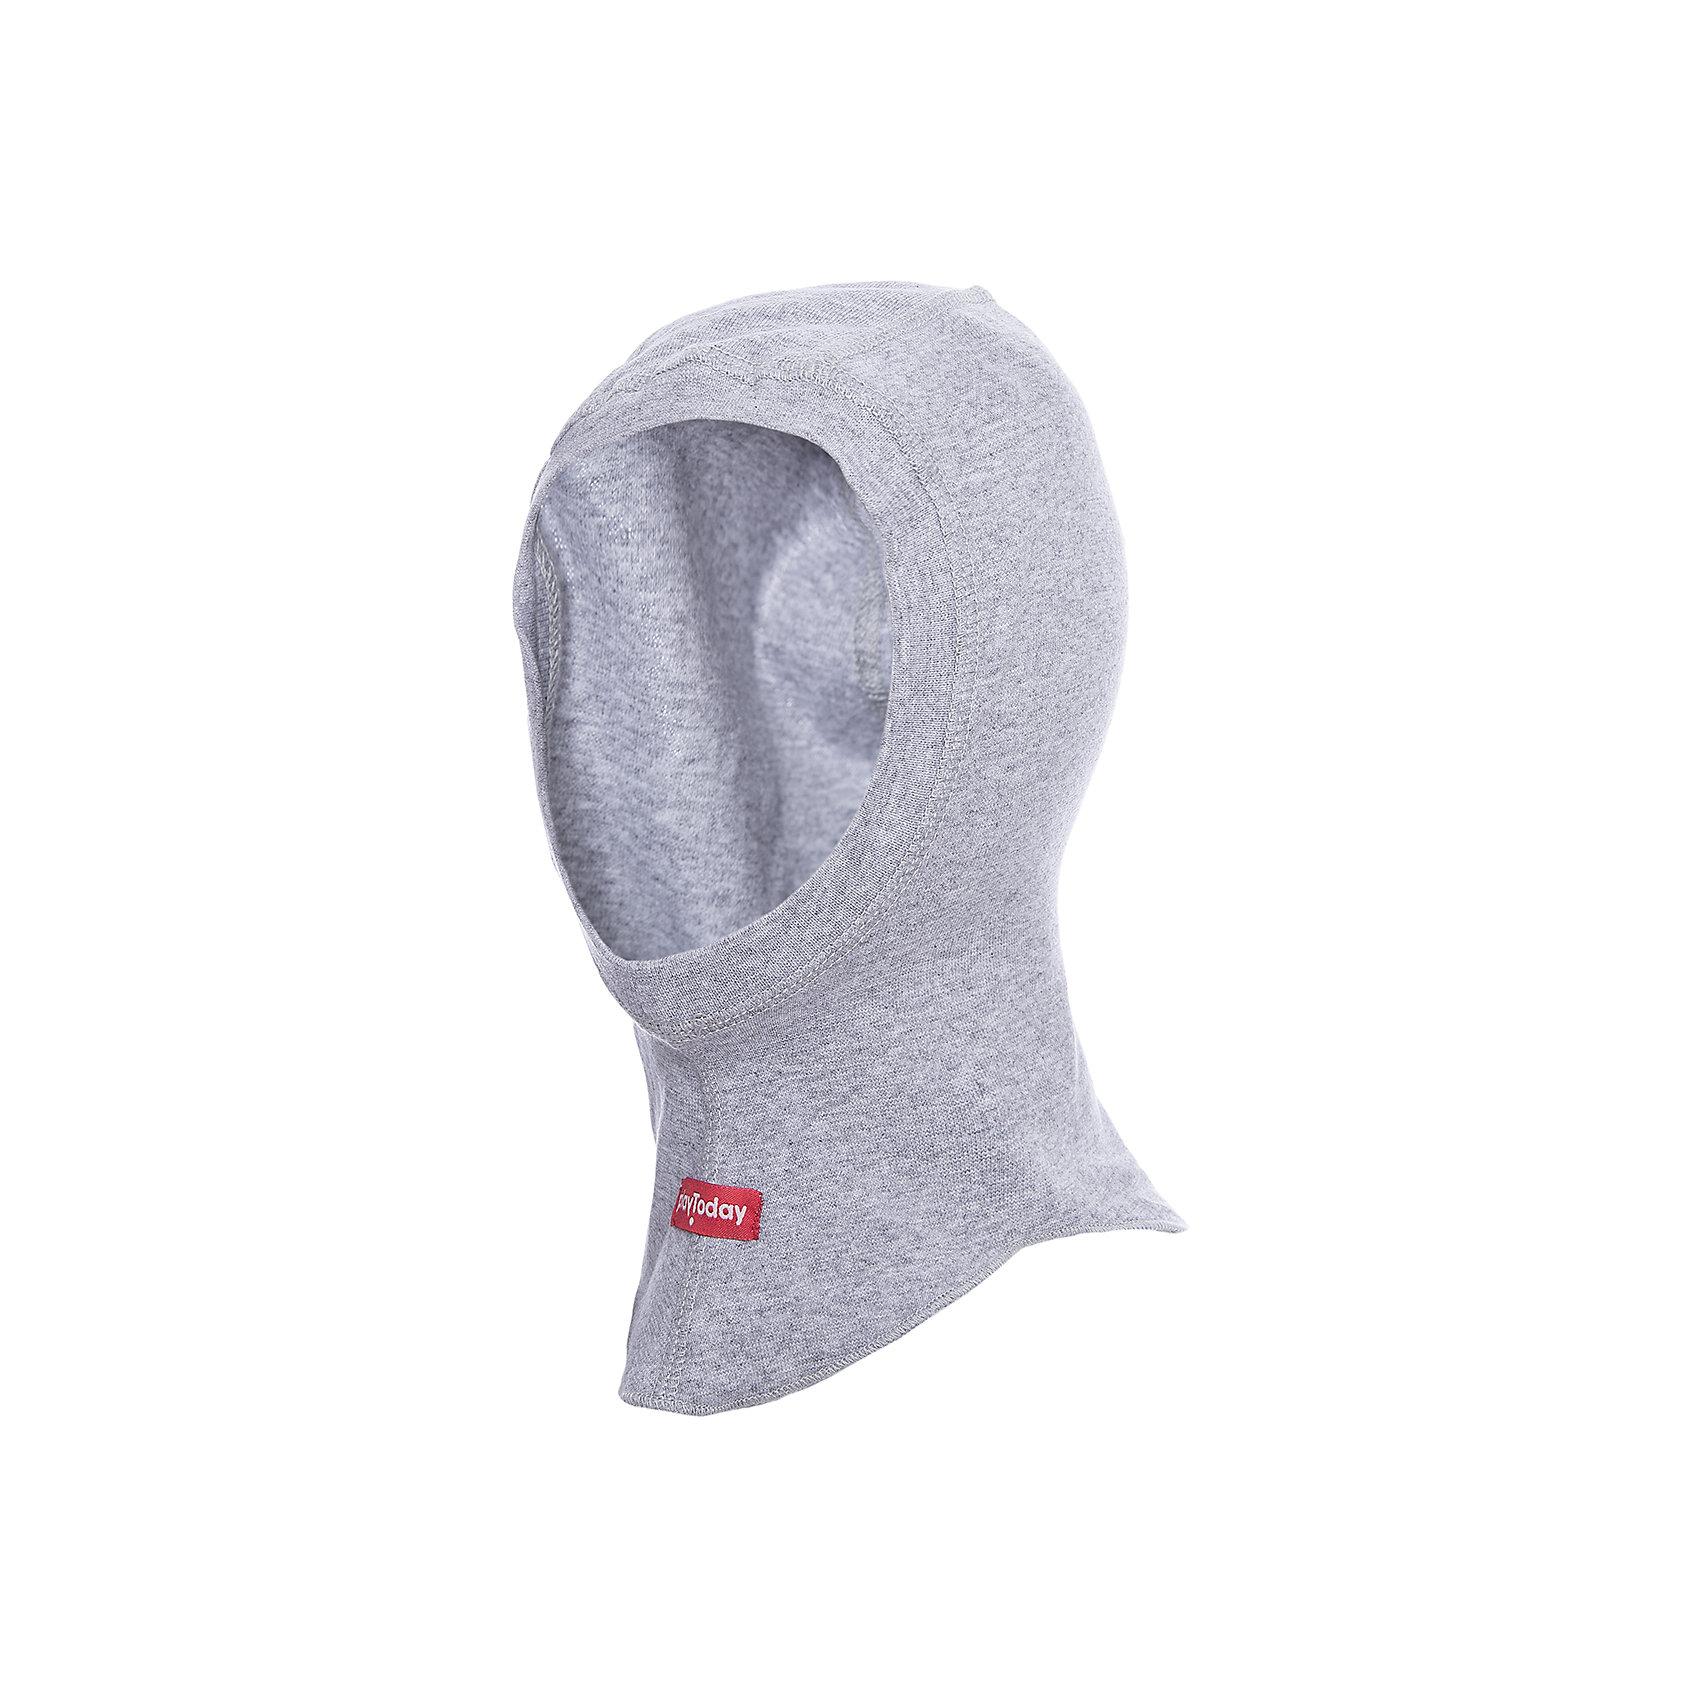 Шапка-шлем PlayToday для мальчикаШапочки<br>Шапка-шлем PlayToday для мальчика<br>Шапка - подшлемник из натурального хлопка защитит Вашего ребенка во время прогулок в прохладную погоду. Плотно прилегает к голове, комфортна при носке. Аккуратные швы не вызывают раздражений и неприятных ощущений.<br>Состав:<br>95% хлопок, 5% эластан<br><br>Ширина мм: 89<br>Глубина мм: 117<br>Высота мм: 44<br>Вес г: 155<br>Цвет: серый<br>Возраст от месяцев: 6<br>Возраст до месяцев: 9<br>Пол: Мужской<br>Возраст: Детский<br>Размер: 46,48<br>SKU: 7109995